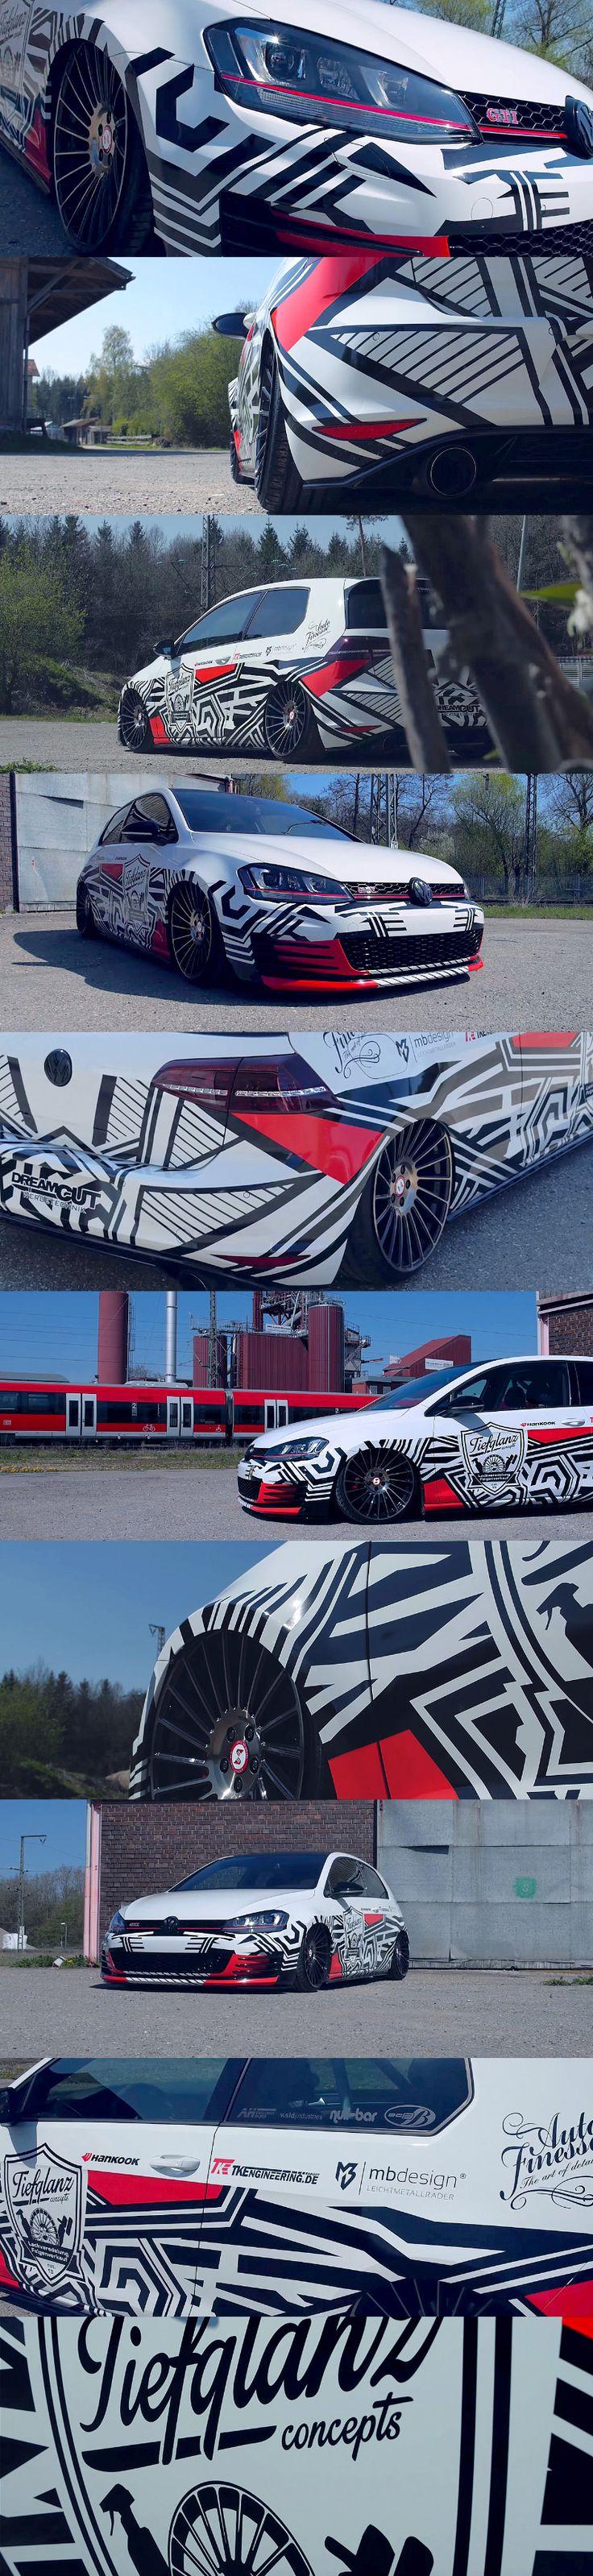 Dazzle Tiefglanz Concepts Golf GTI